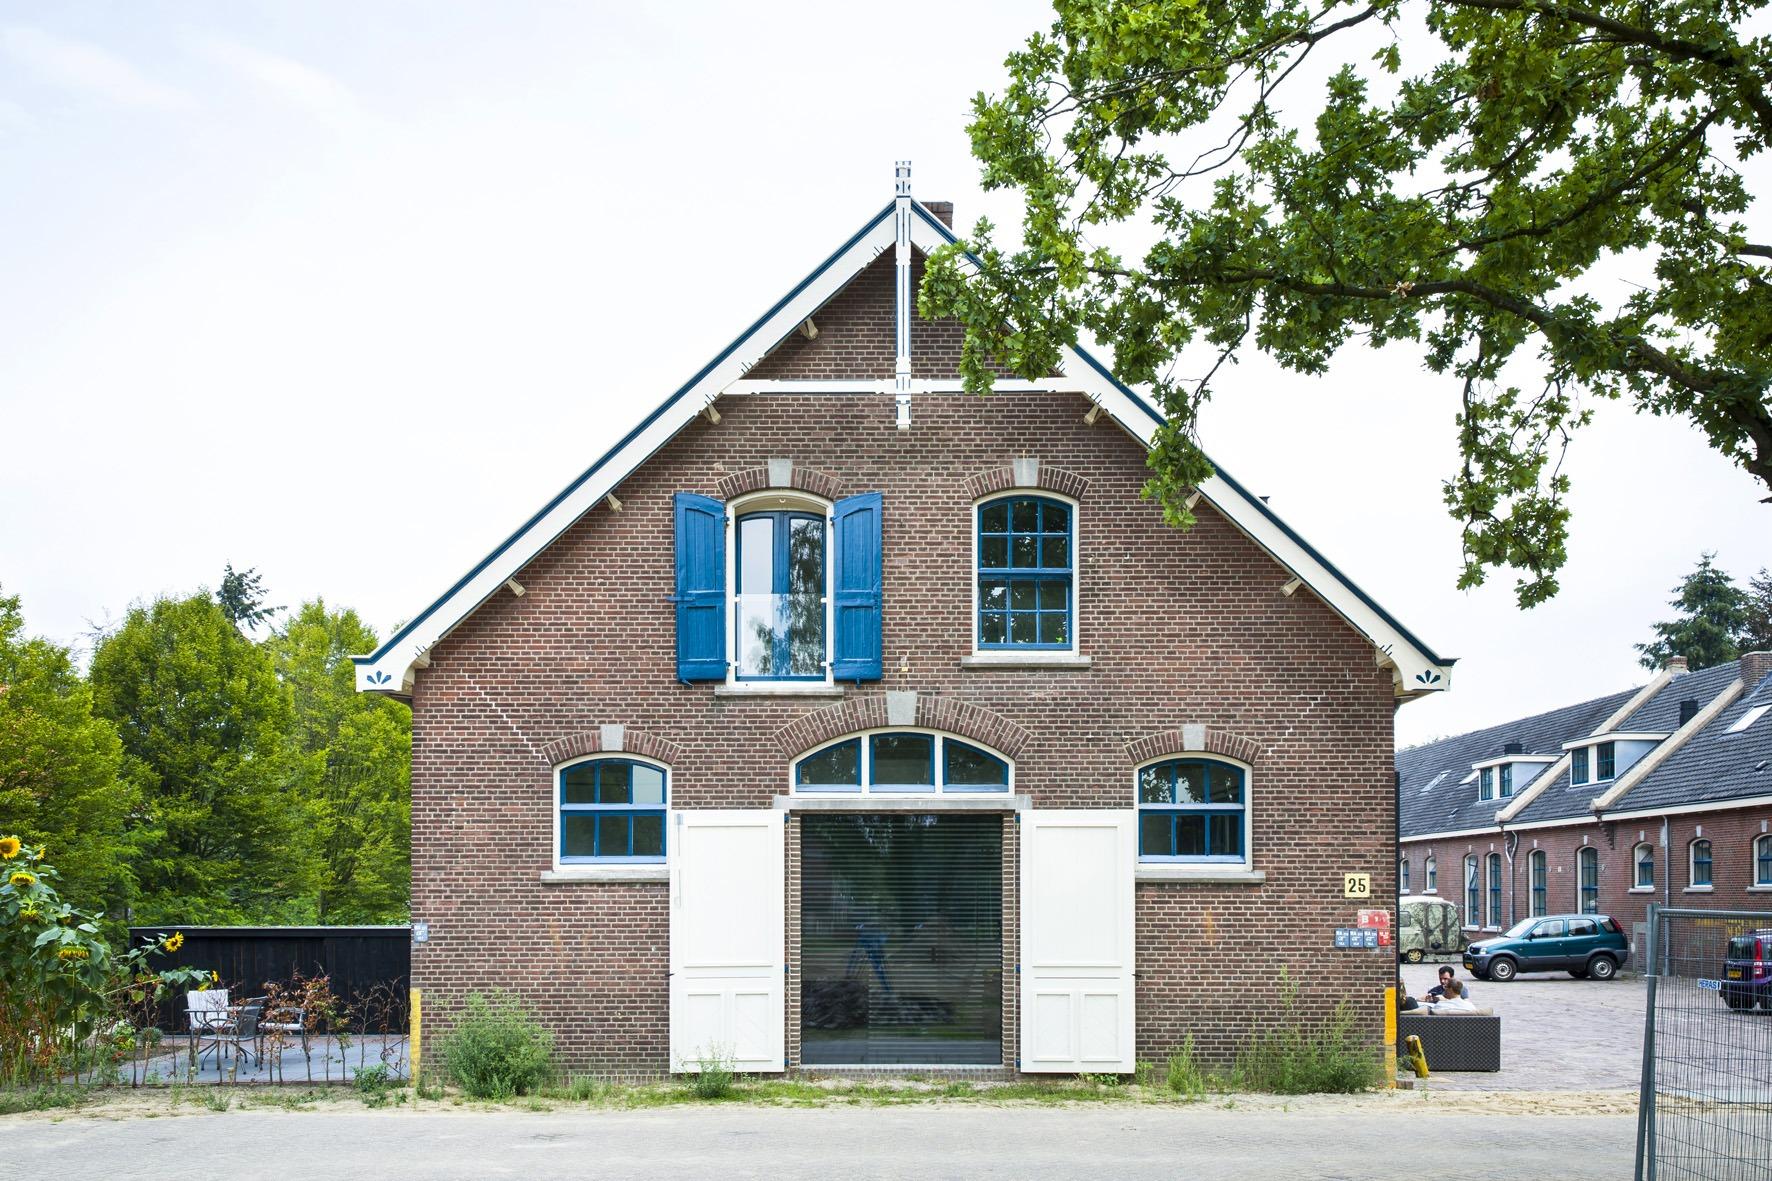 Gevel van kazerne met nieuwe loft woning door architect Arets duurzaam hersteld en geisoleerd